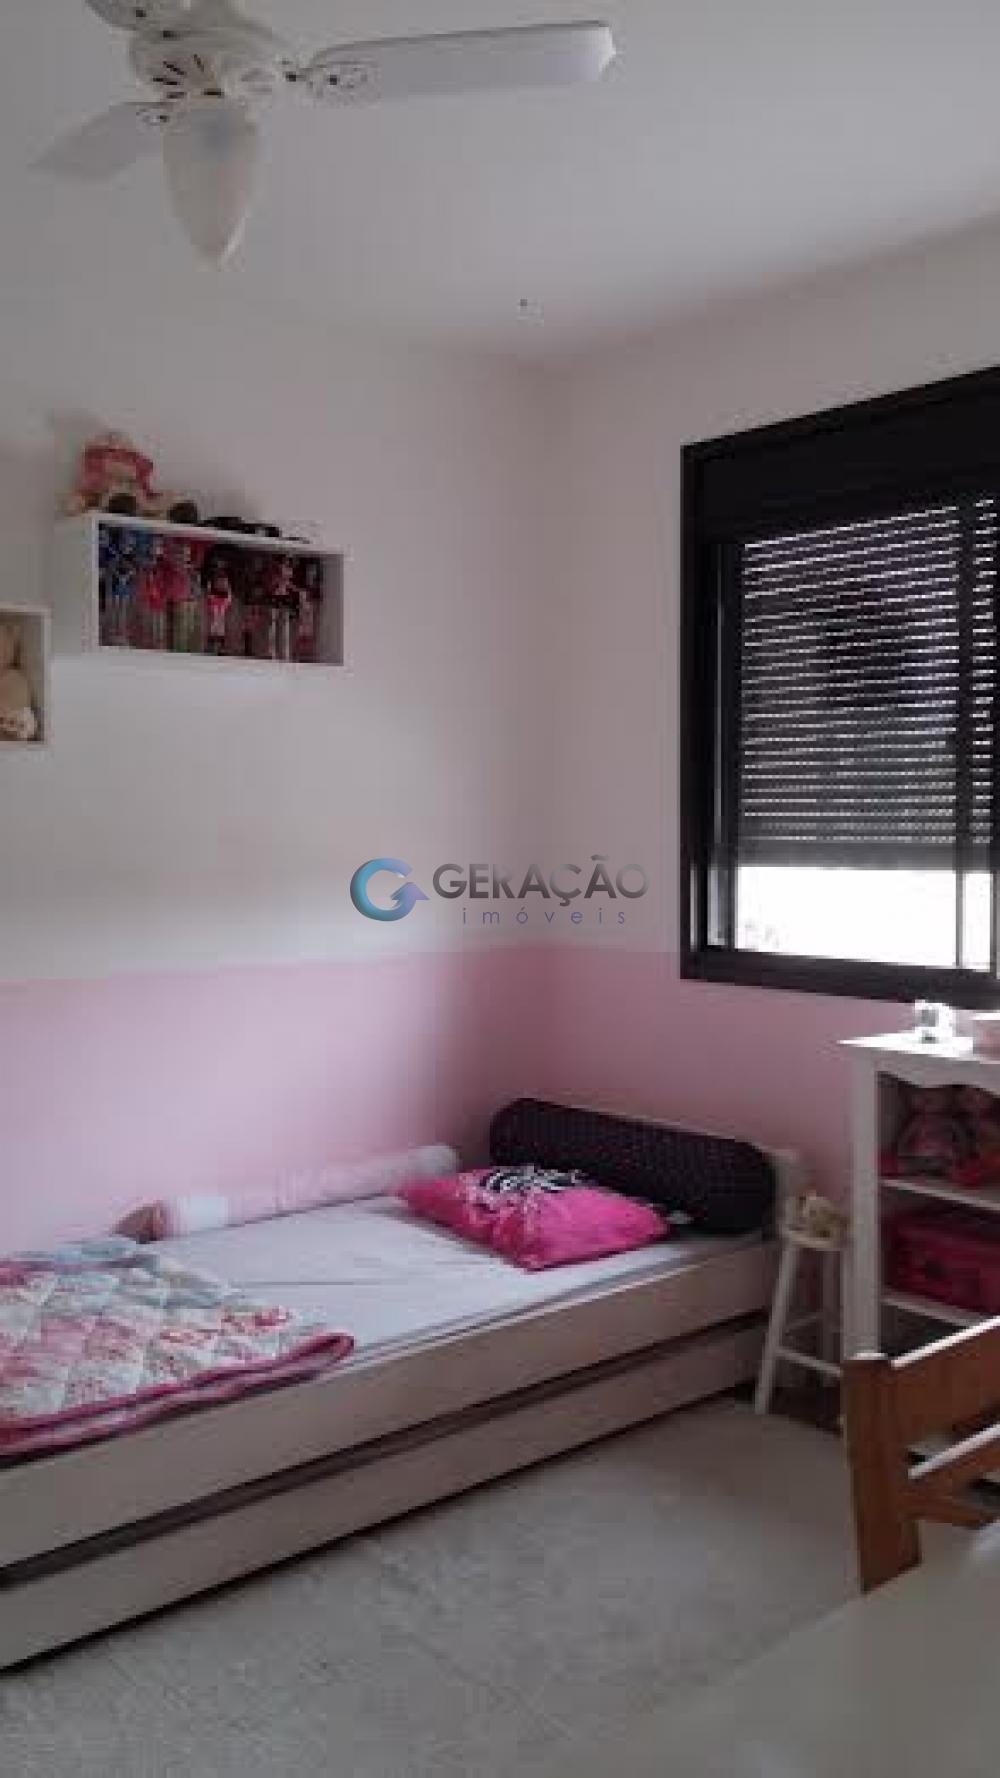 Comprar Apartamento / Padrão em São José dos Campos apenas R$ 730.000,00 - Foto 9